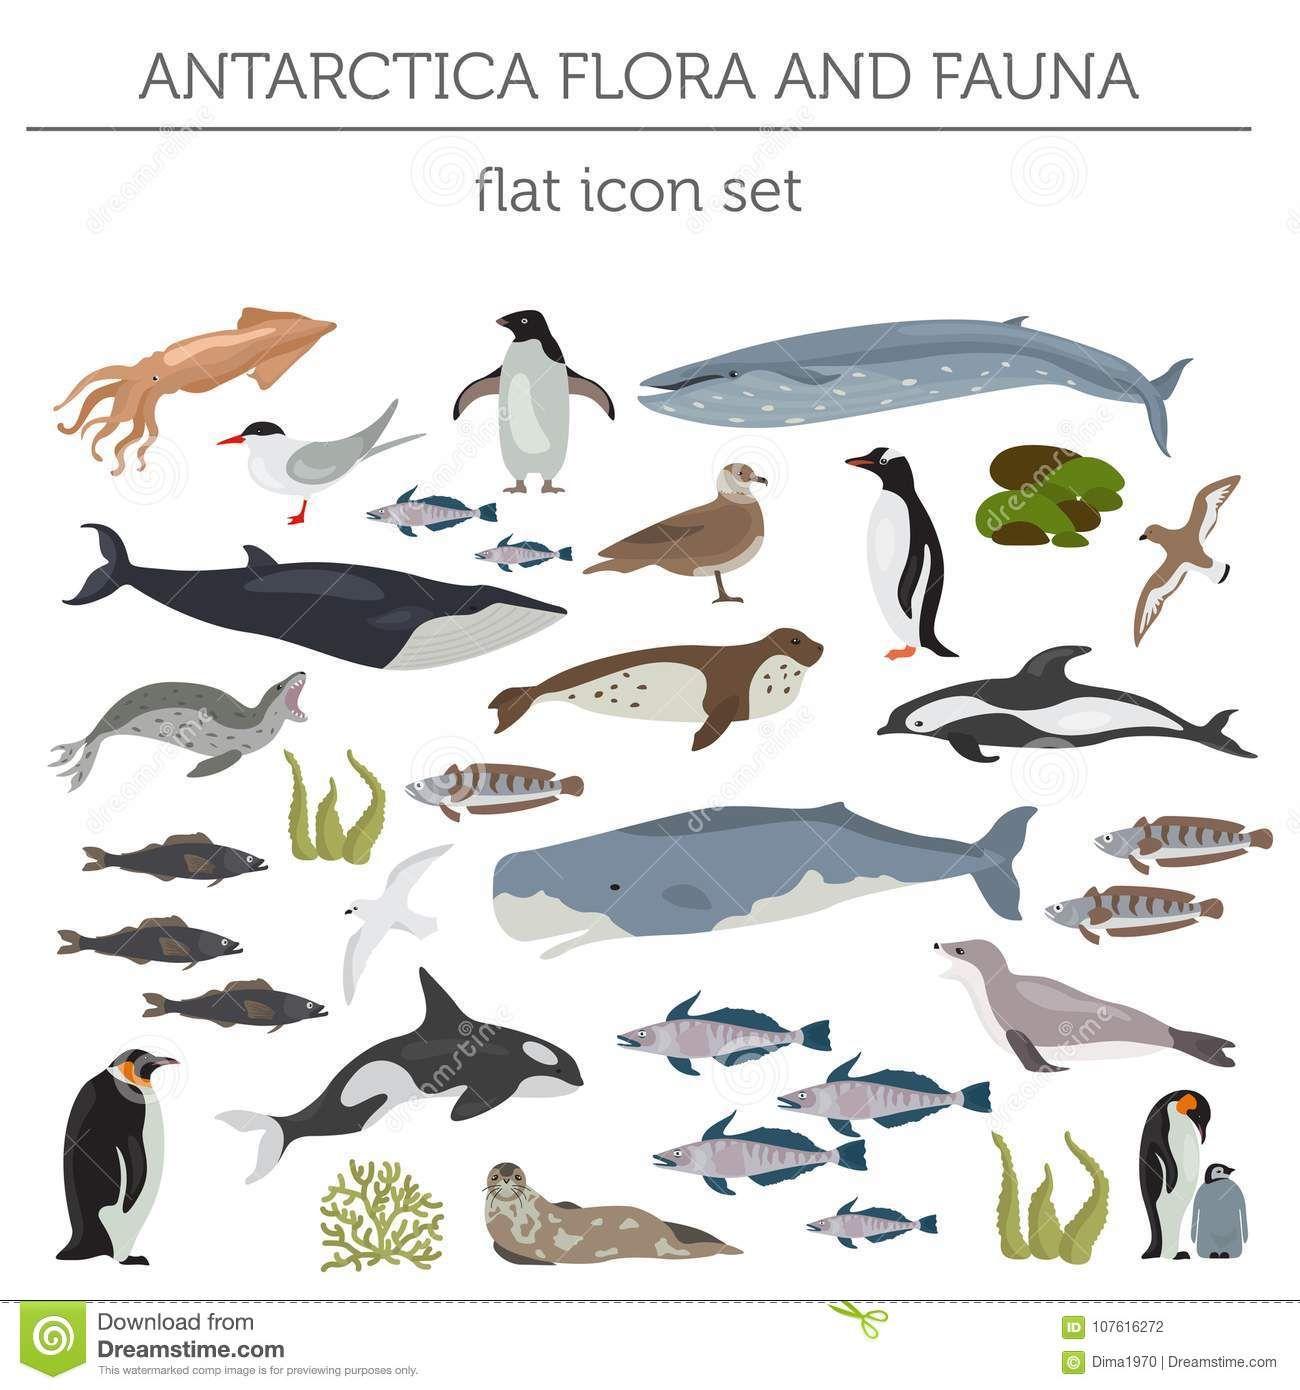 El Antartico La Antartida La Flora Y La Fauna Trazan Los Carteles De Animales Animales Fauna